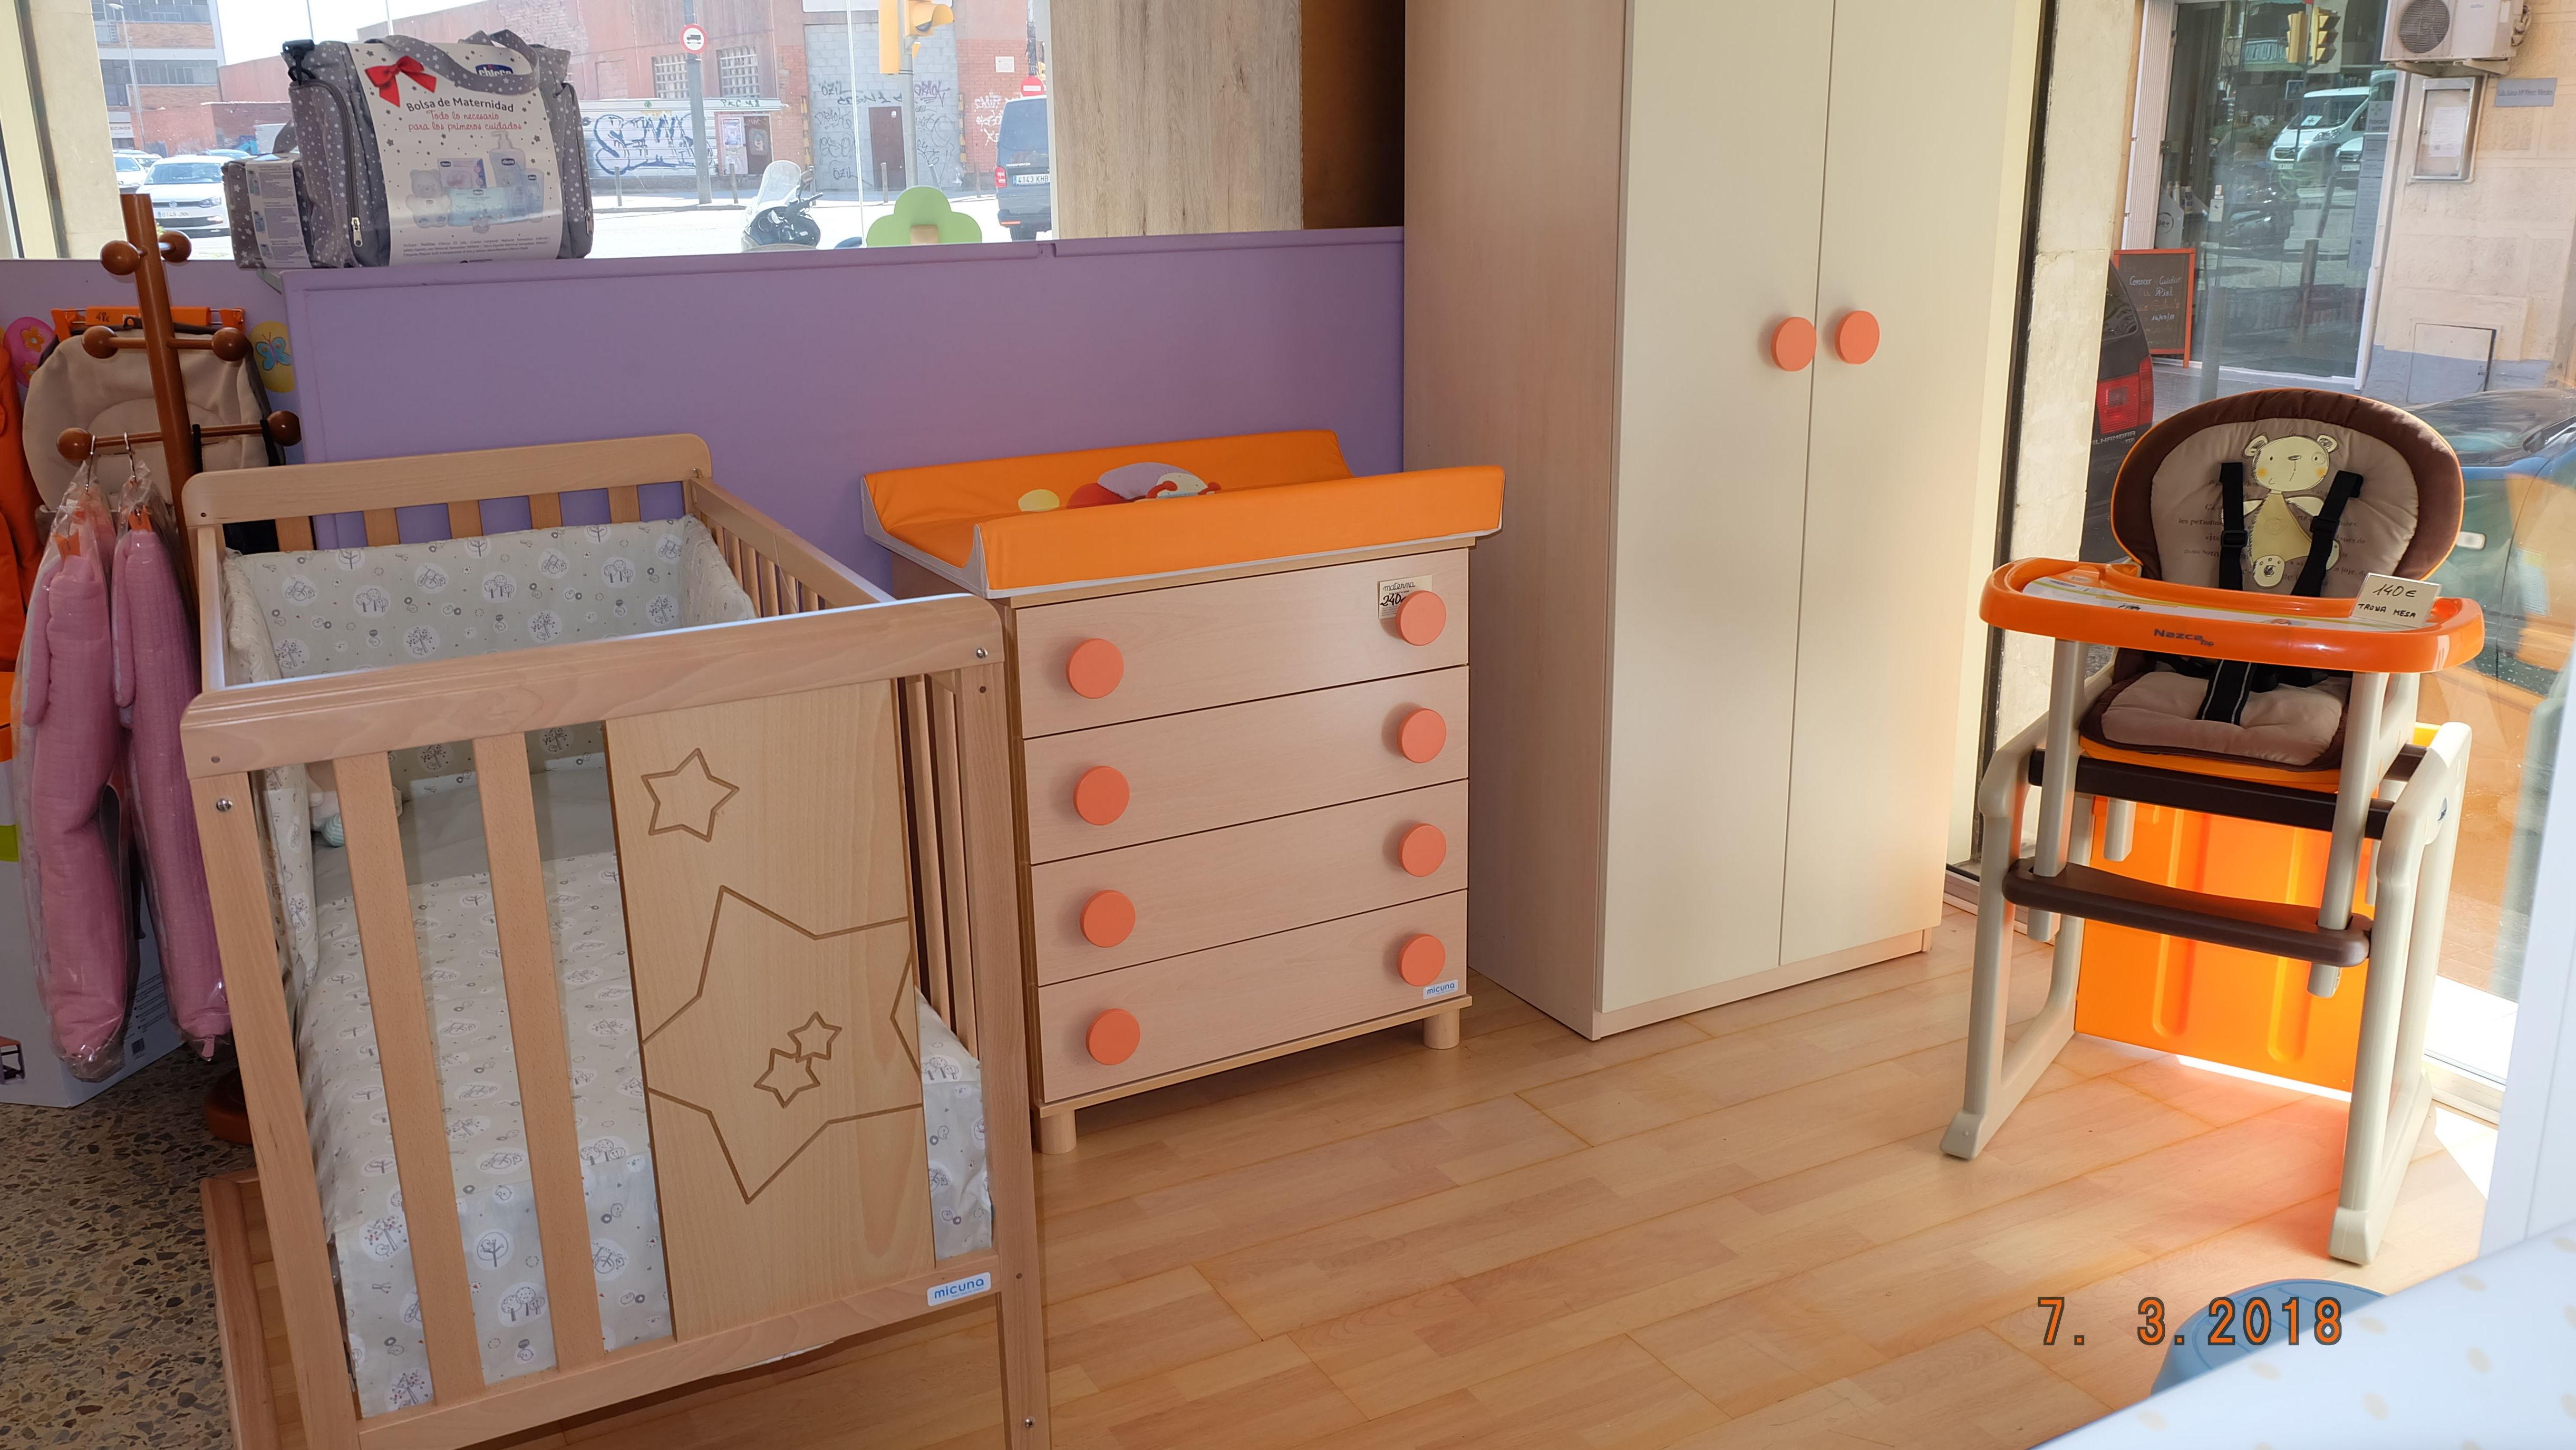 Foto 43 de Mobiliario infantil en L'Hospitalet de Llobregat | Materna|Productos para bebé con los precios más bajos